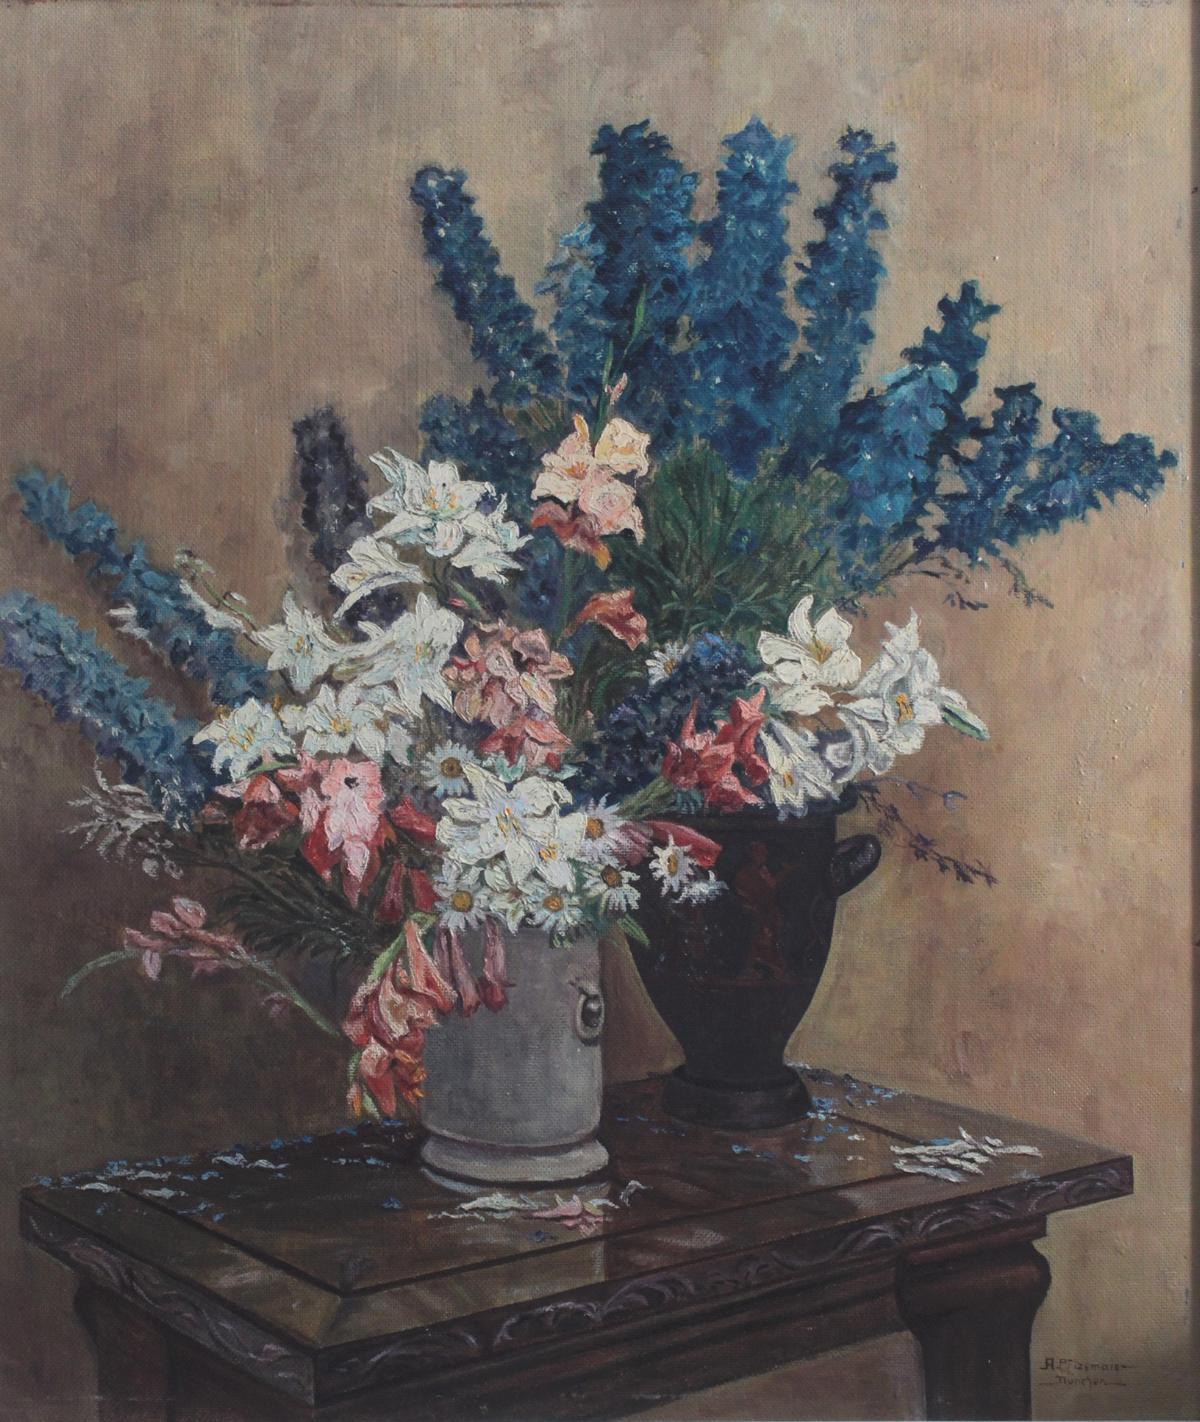 A. Pfizemaier, 'Stillleben mit zwei Vasen und Blumen', 20. Jahrhundert-2